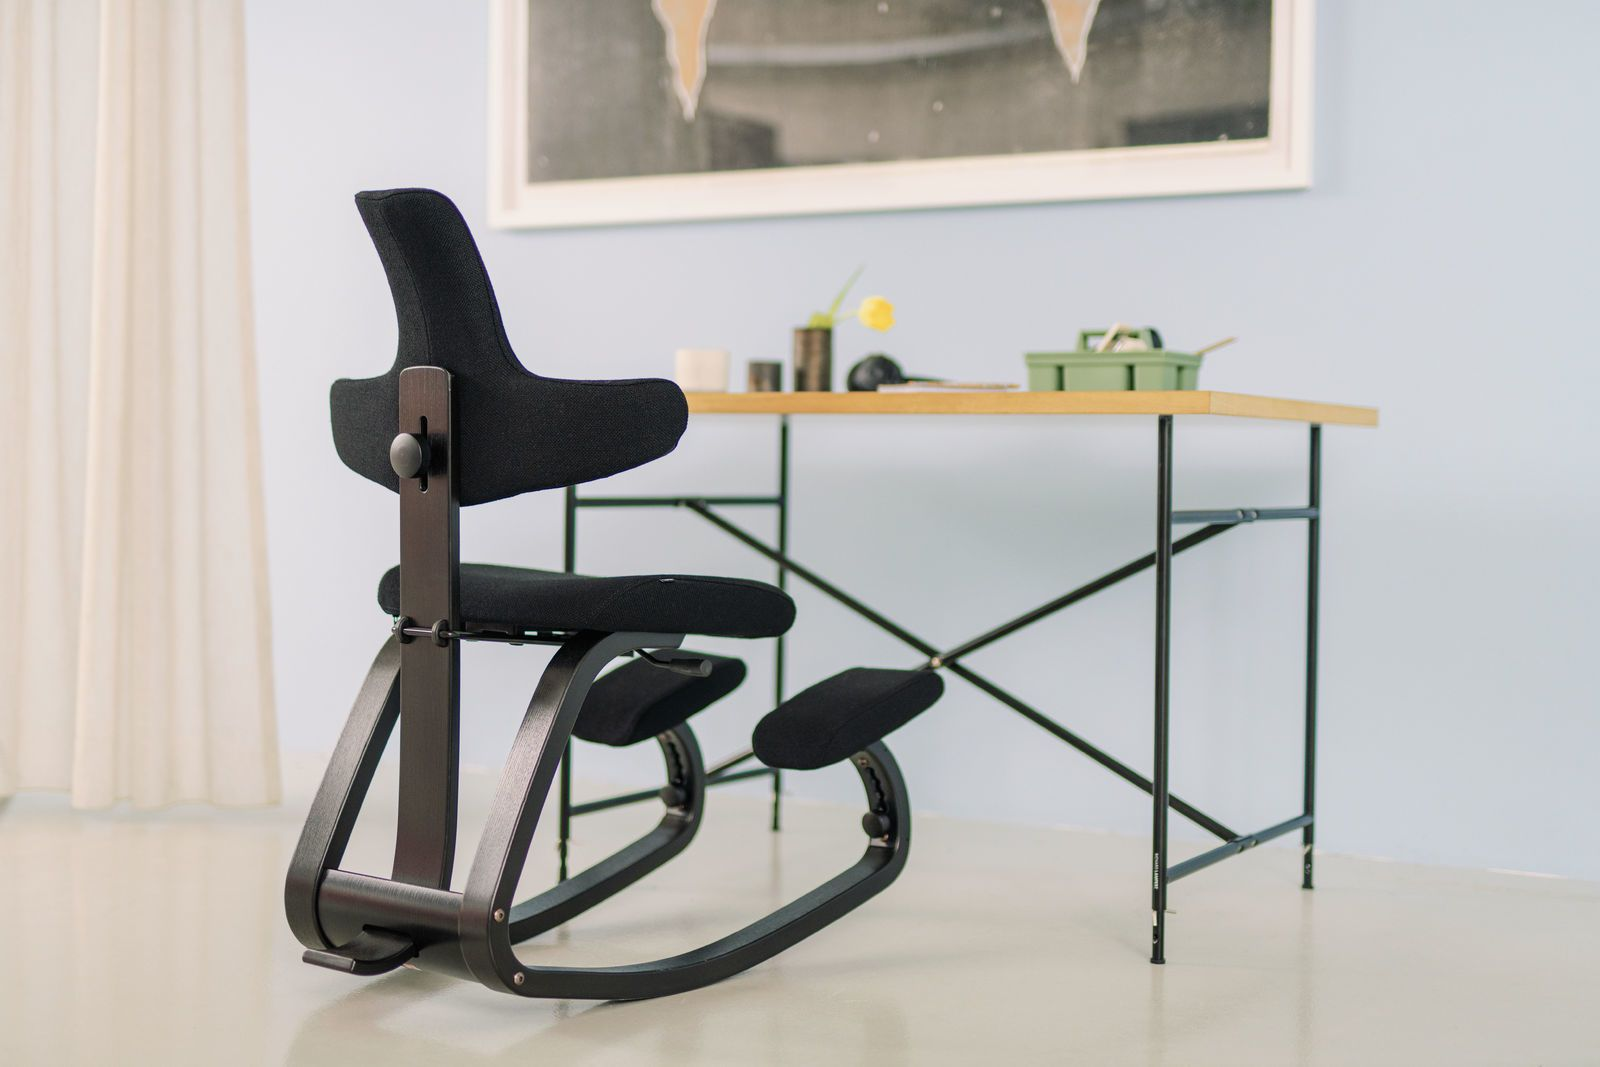 Stokke Thatsit Bureaustoel.Varier Stokke Thatsit Kniestoel Met Rug Health2work